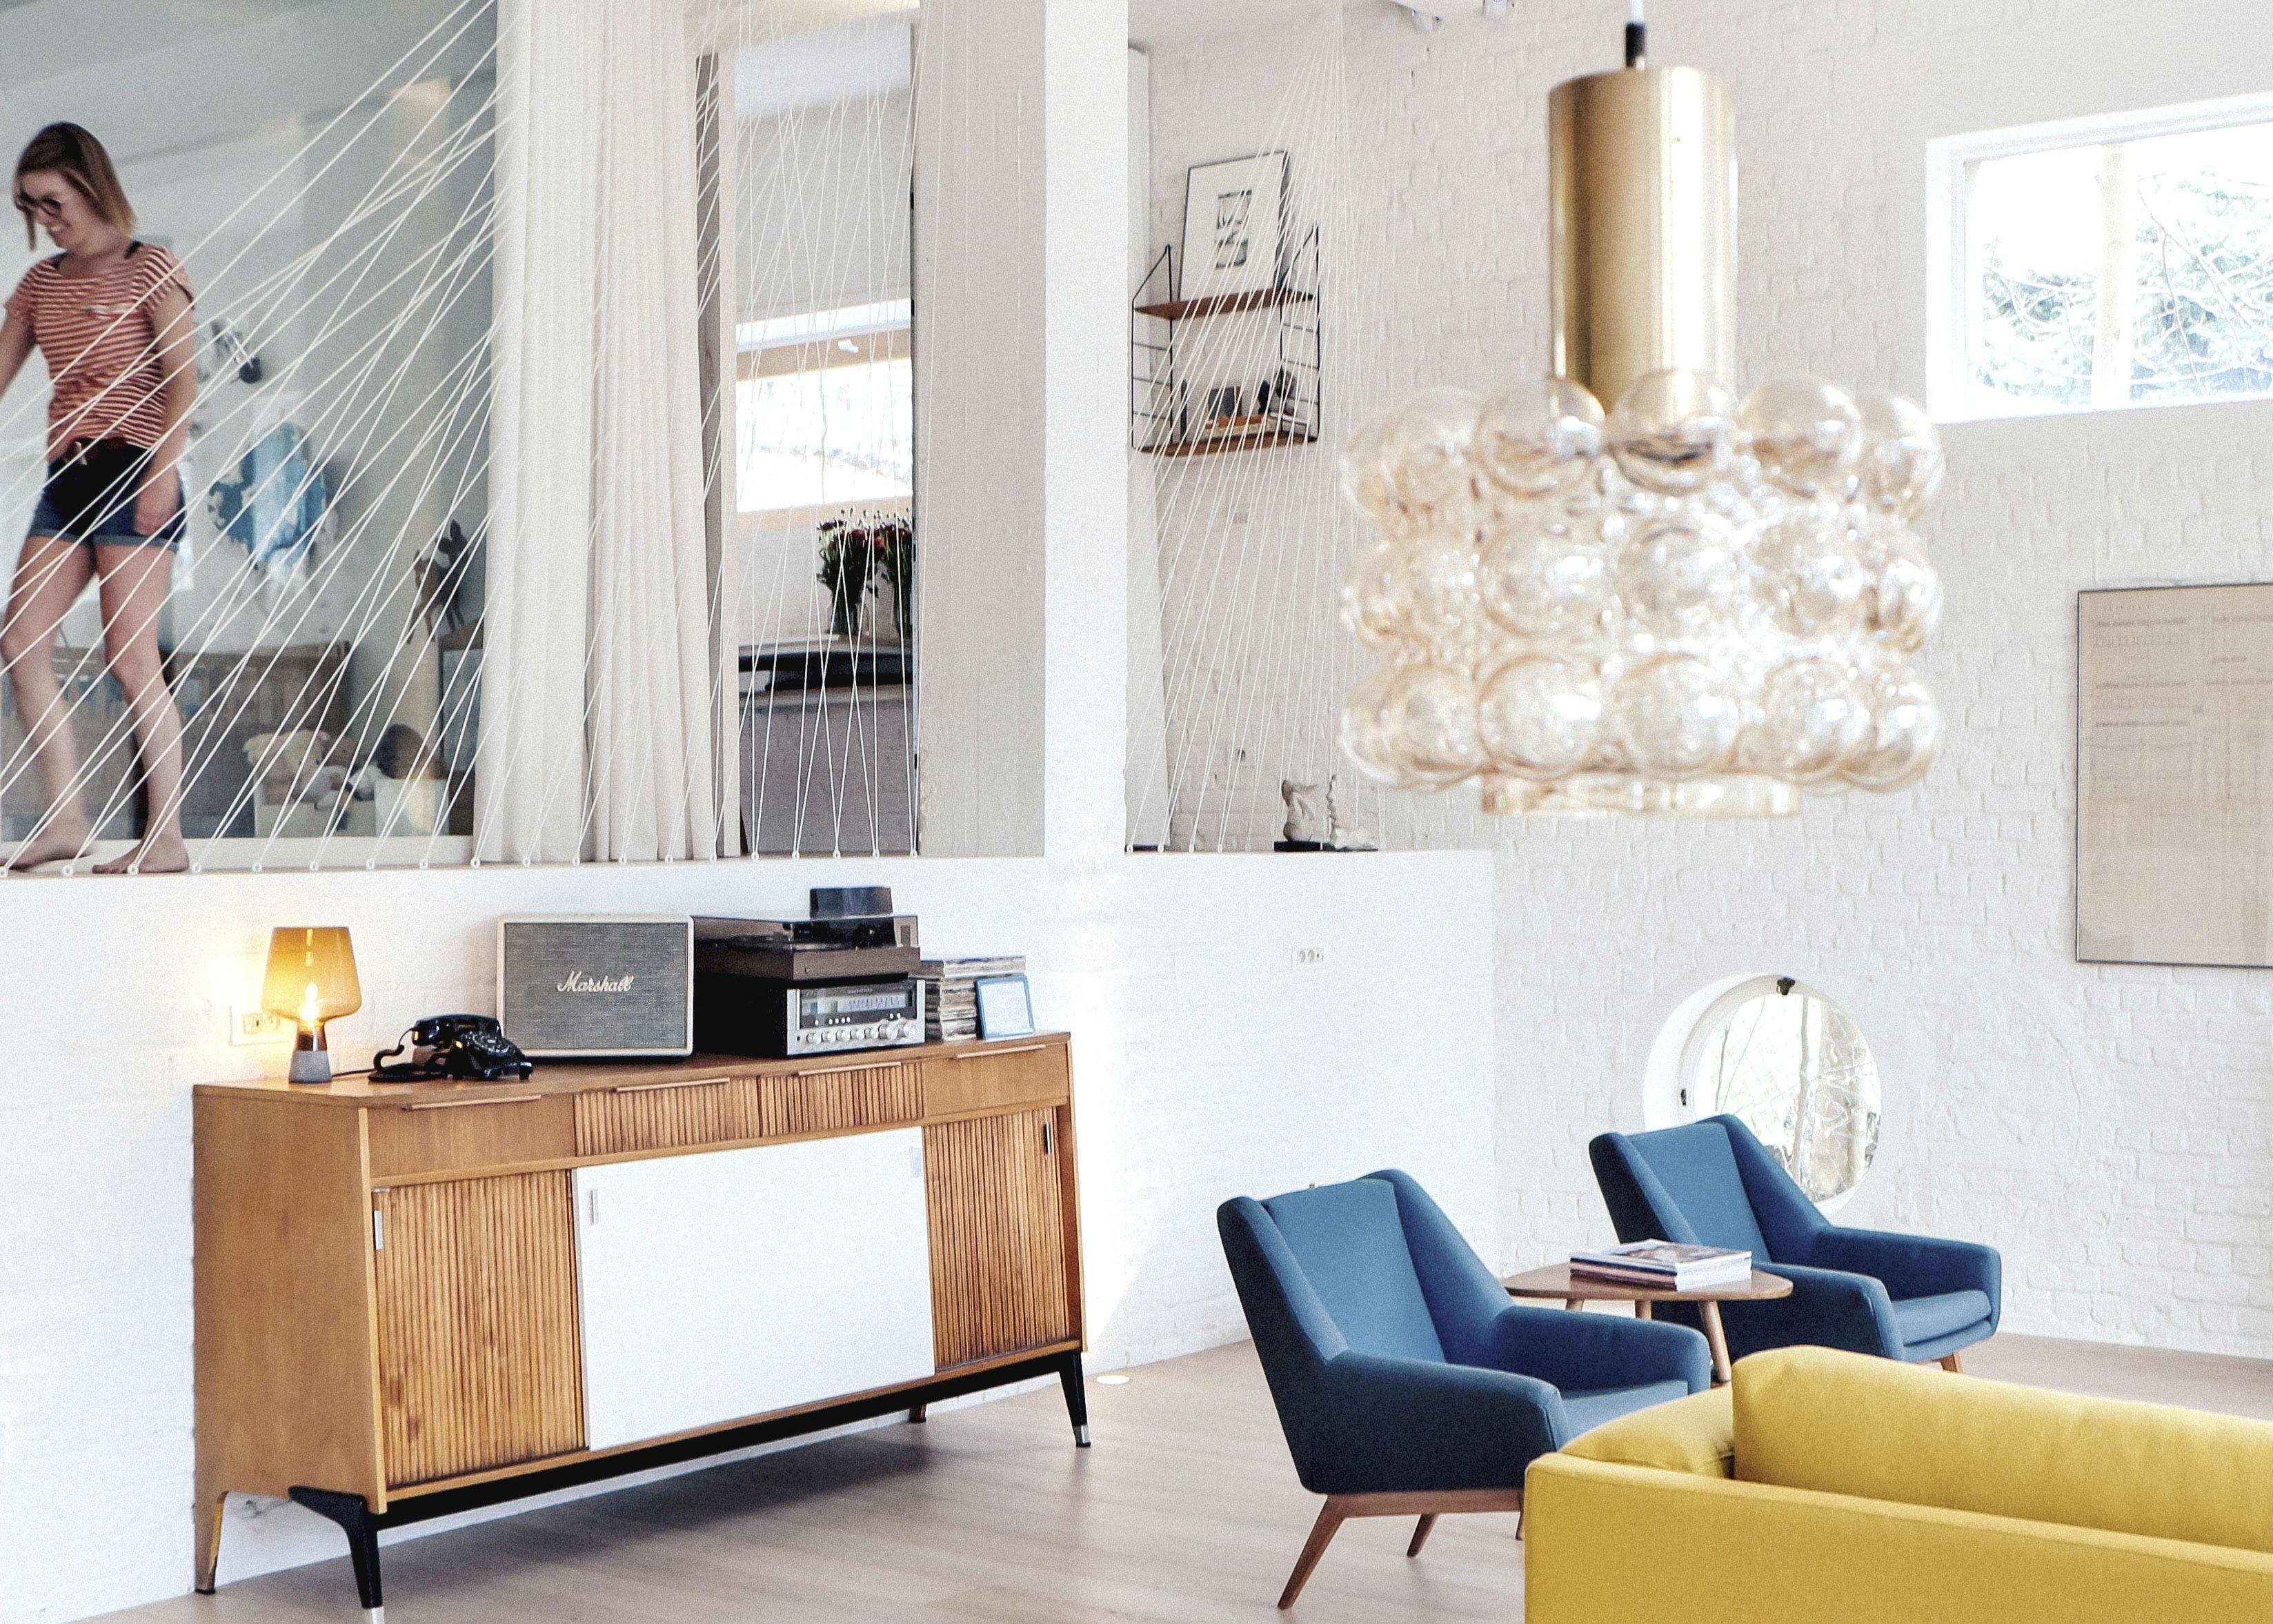 binnenkijken van sanatorium tot moderne woning met een strak wit interieur